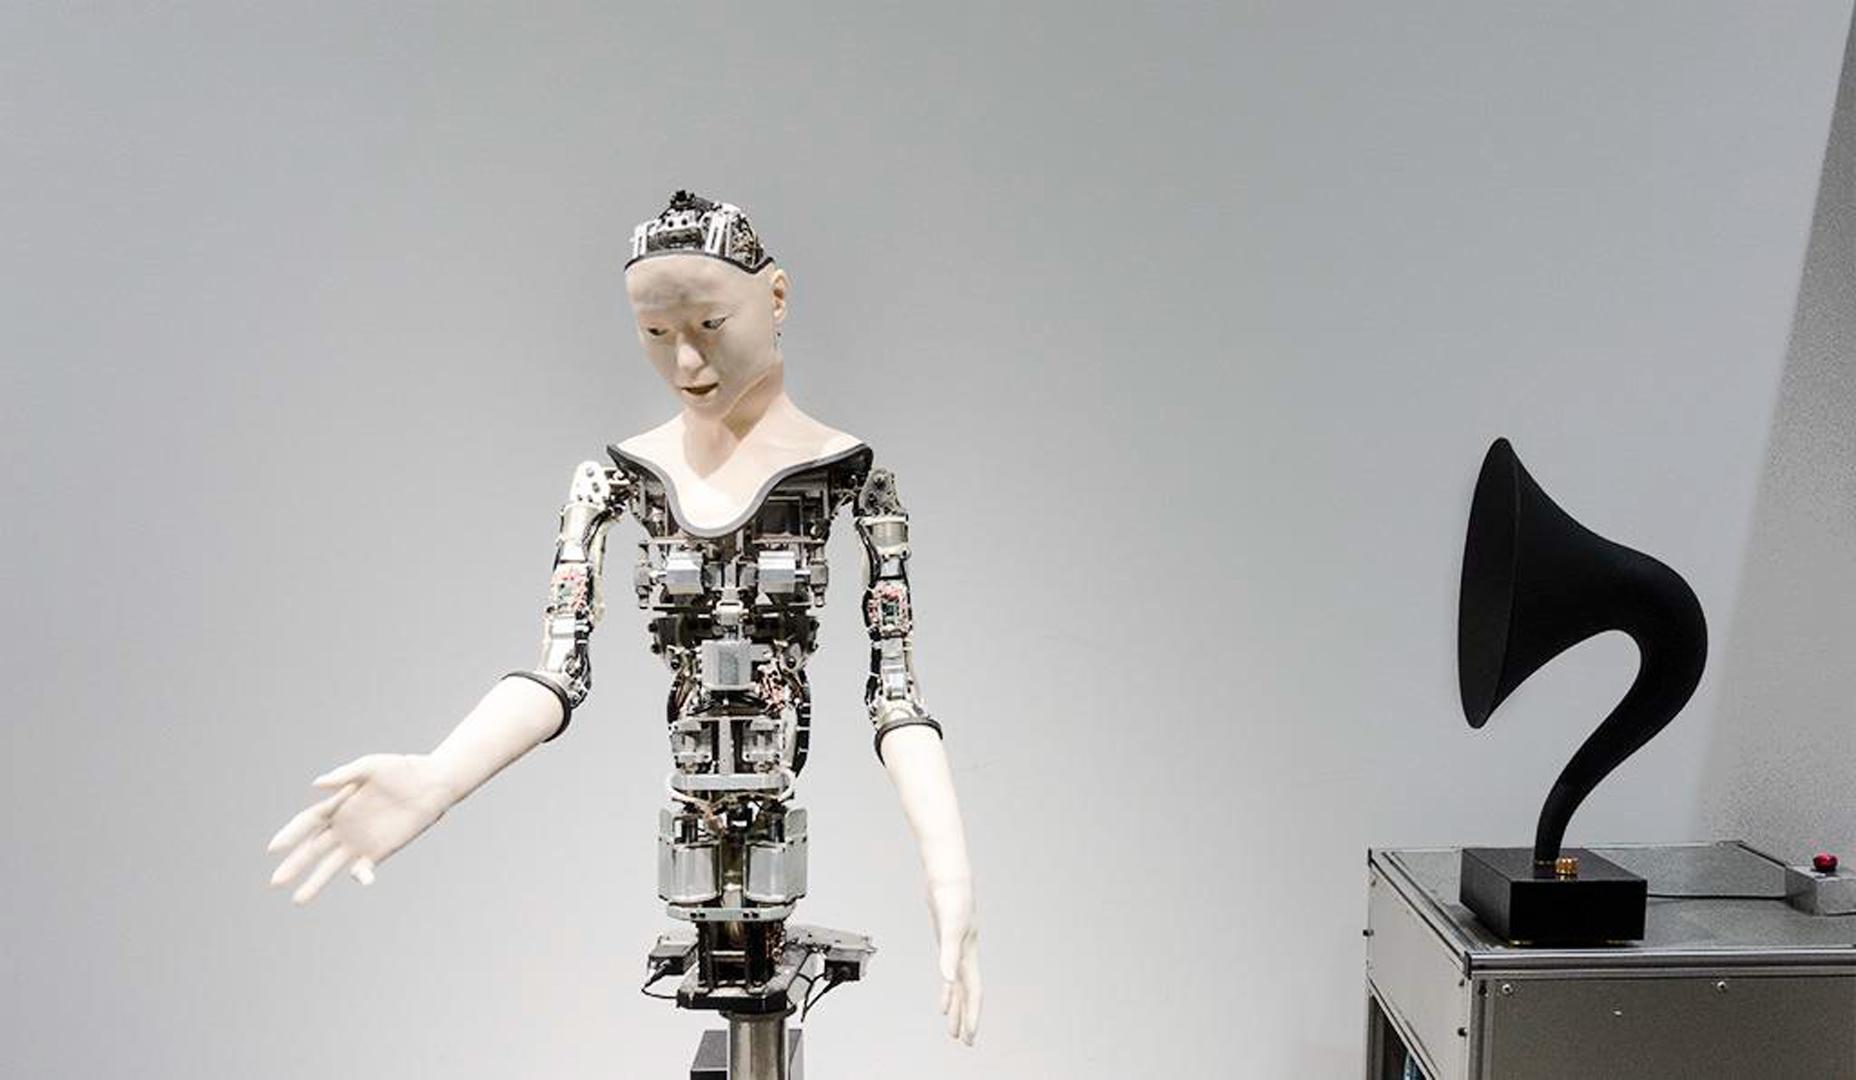 ©ISEA2019: 25th International Symposium on Electronic Art, Elena Knox and Katsumi Watanabe, Omikuji